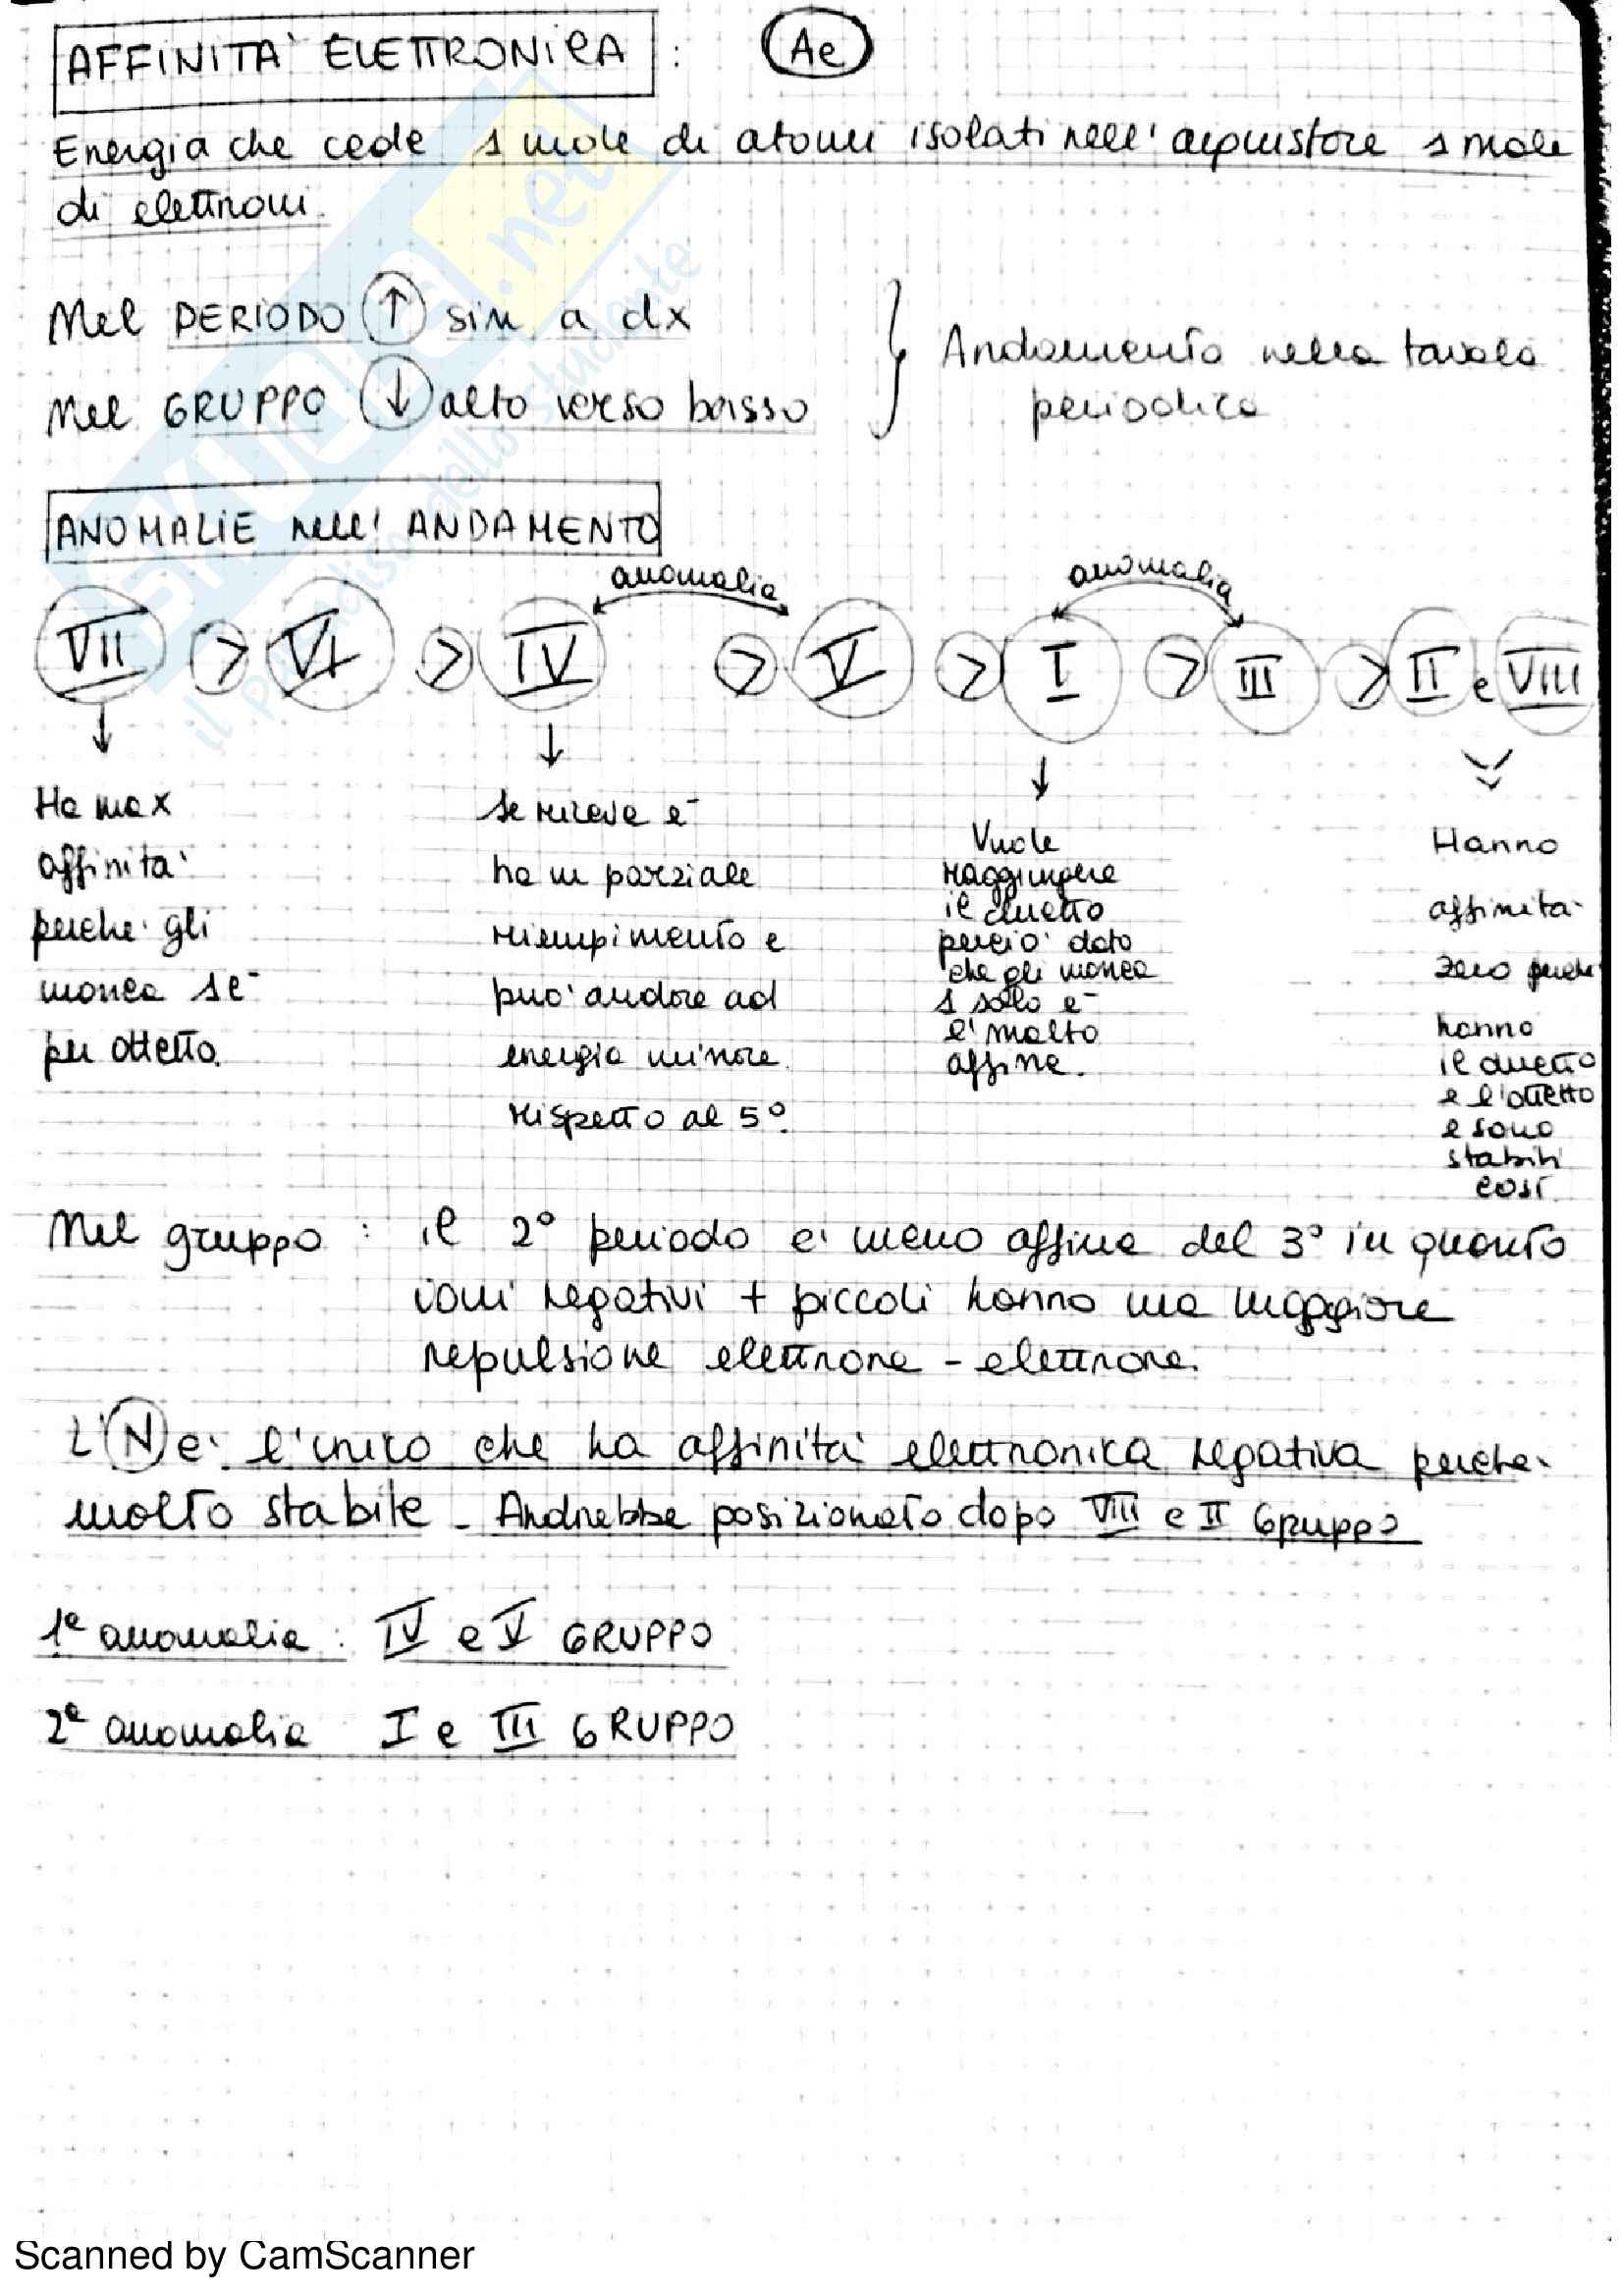 Appunti completi di chimica analitica comprensivi di esercizi d'esame Pag. 86